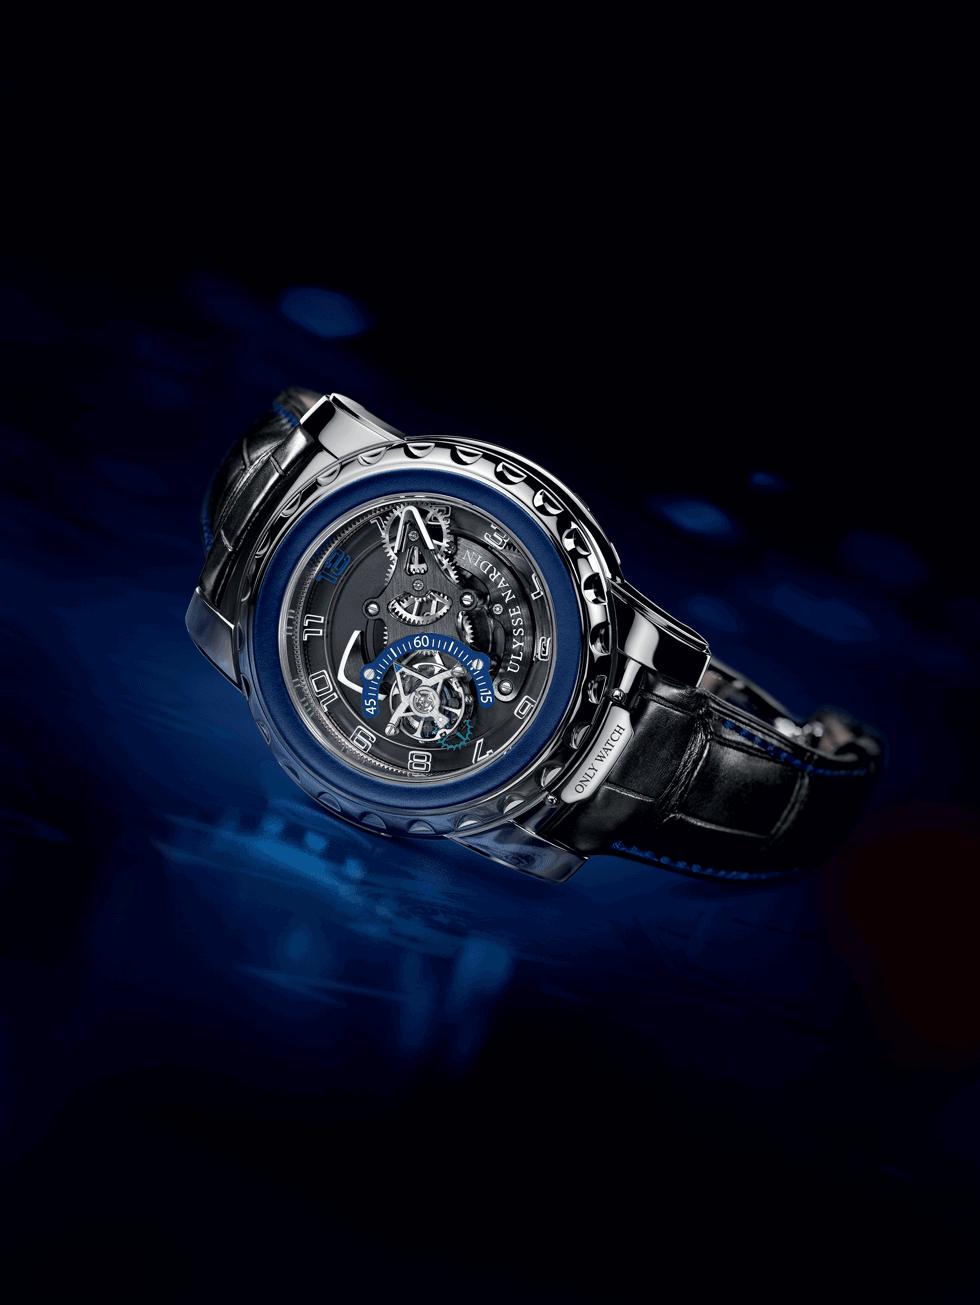 El Freak Diavolo Only Watch no sólo es brillante por su movimiento, lo es también por su estética, en la que predominan las líneas limpias, robustas, el tono negro carbón y los acentos de colores vibrantes en su carátula.